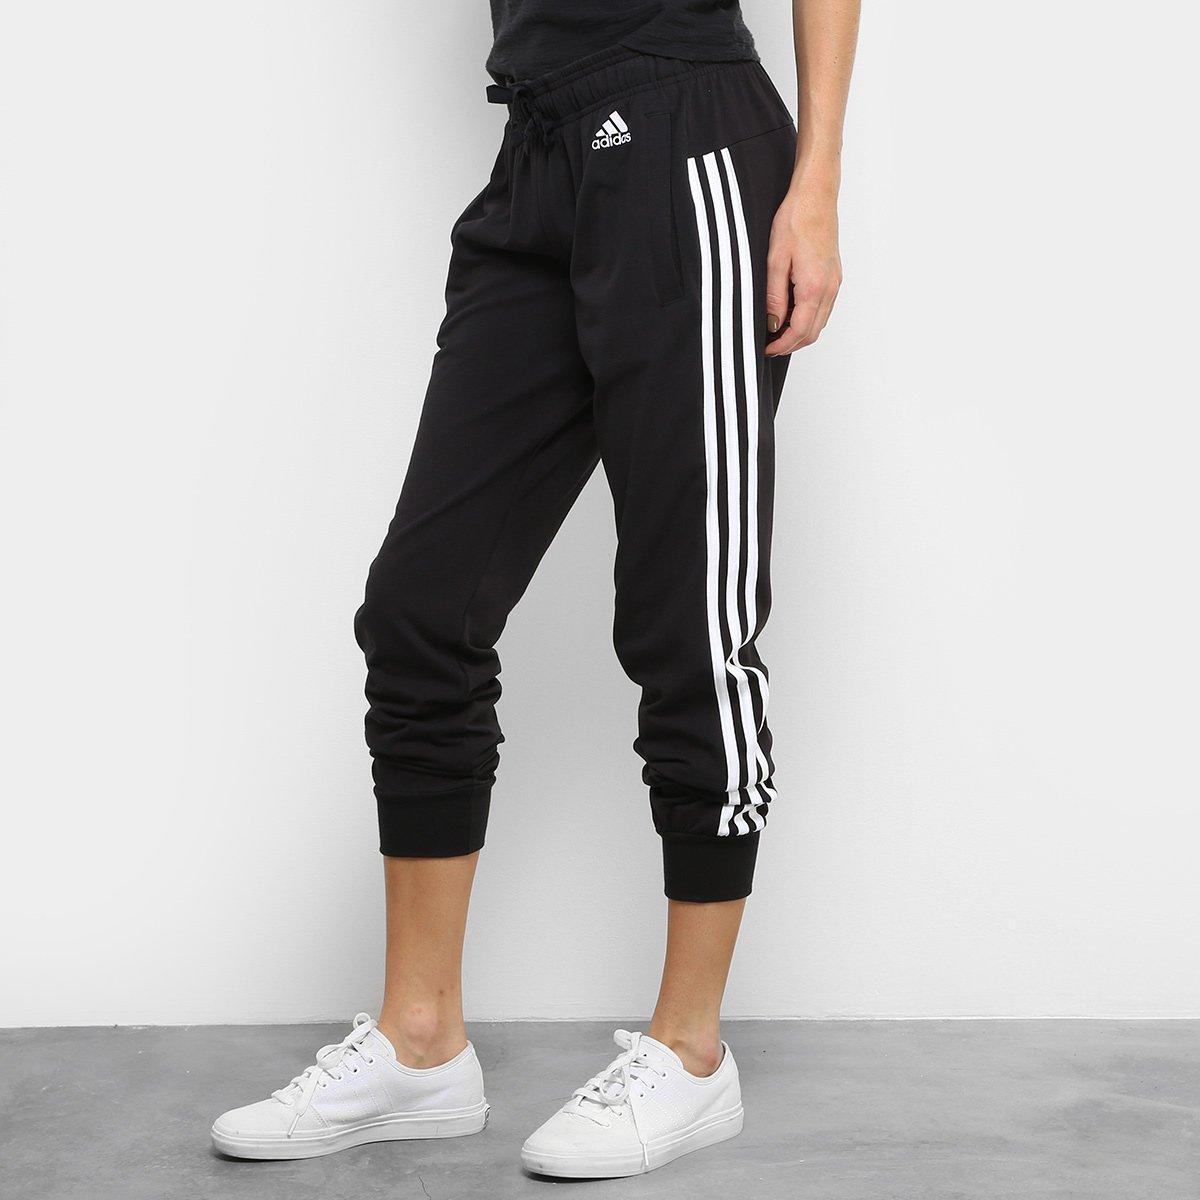 ddcdcb4b71548 Calça Adidas Ess 3S SJ PT Feminina - Compre Agora